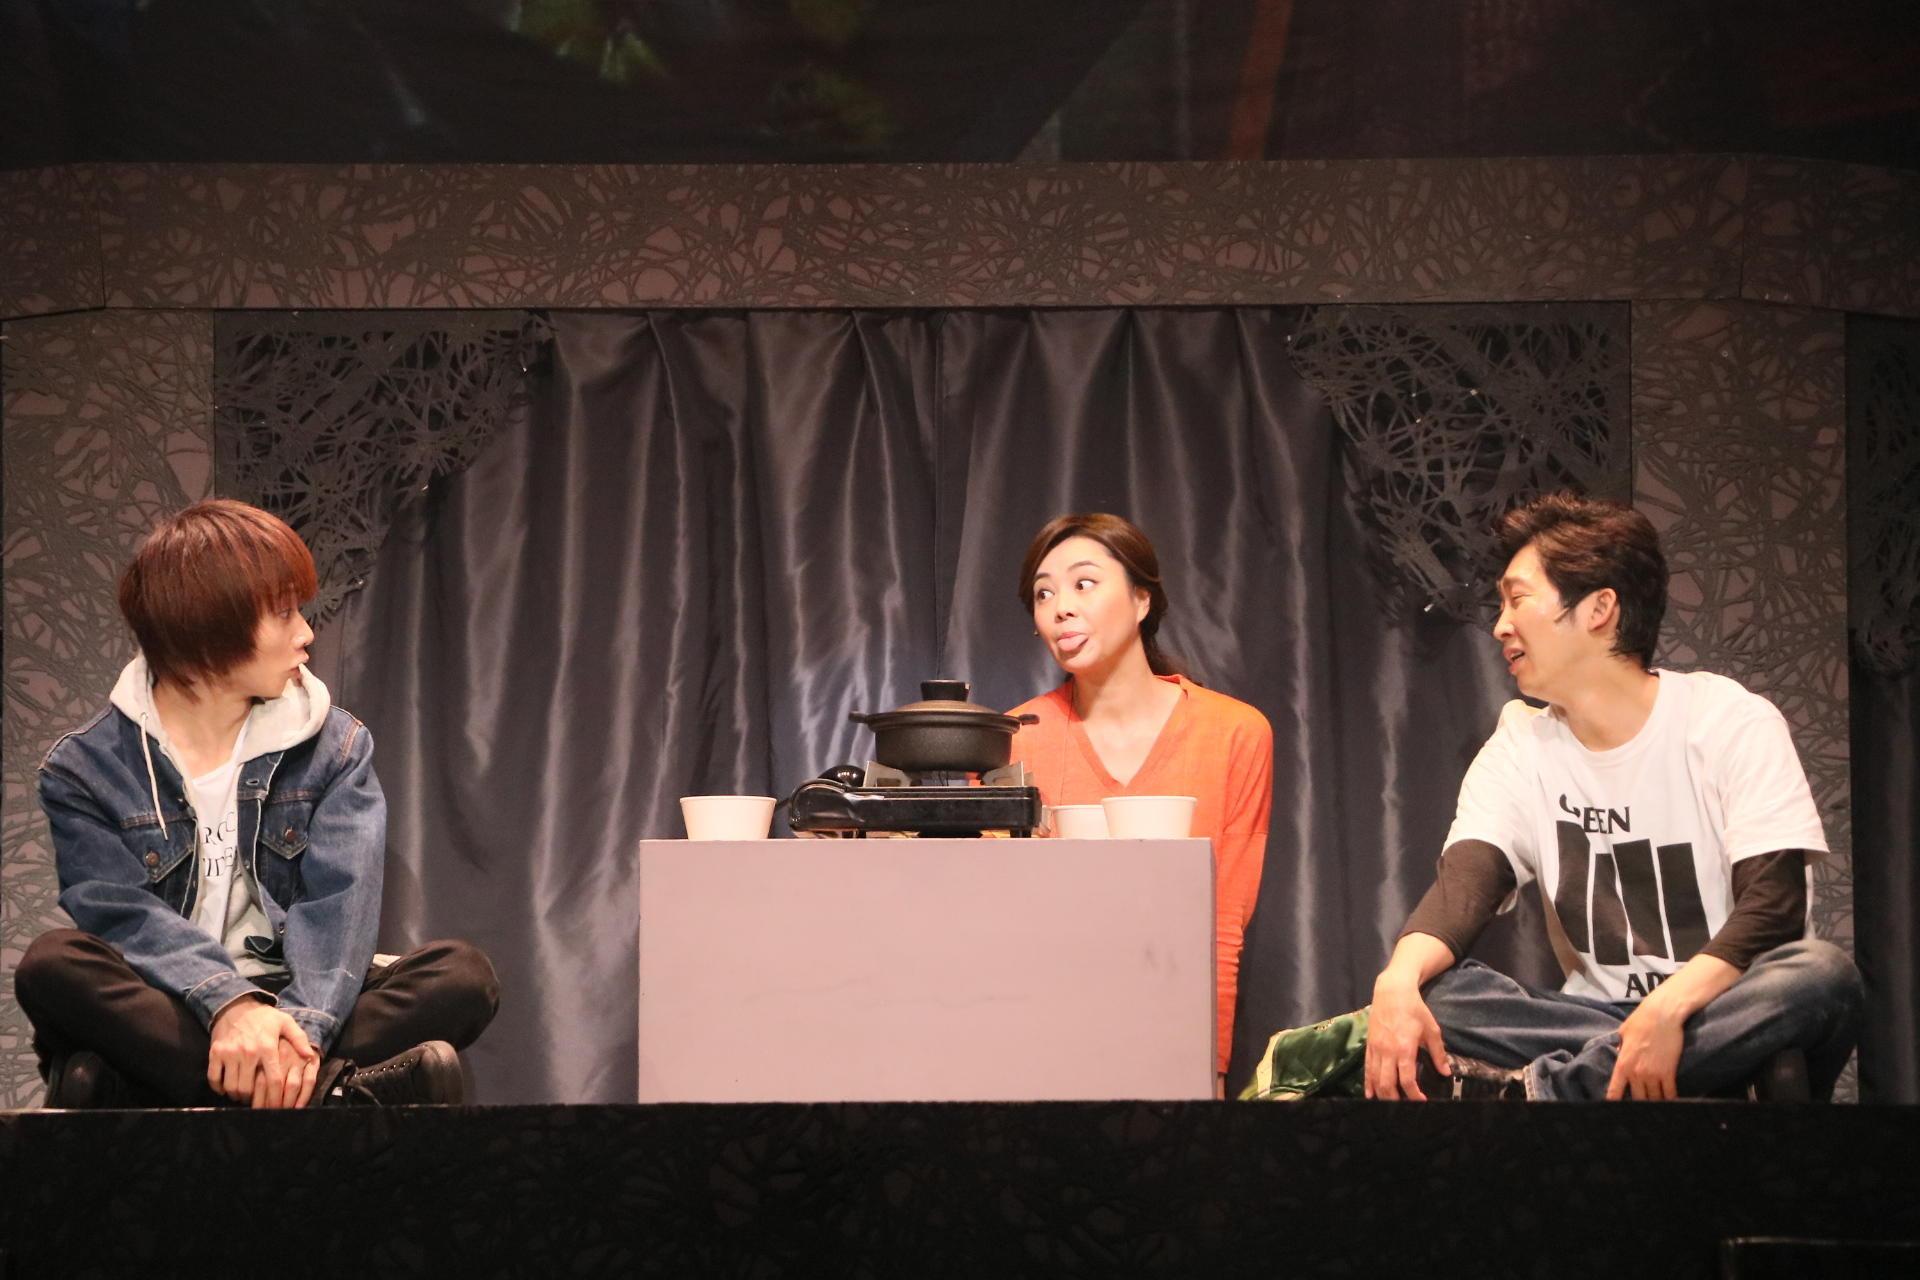 http://news.yoshimoto.co.jp/20180330225346-a507ea312dddd7348eccaf484eab6ffa420695b2.jpg